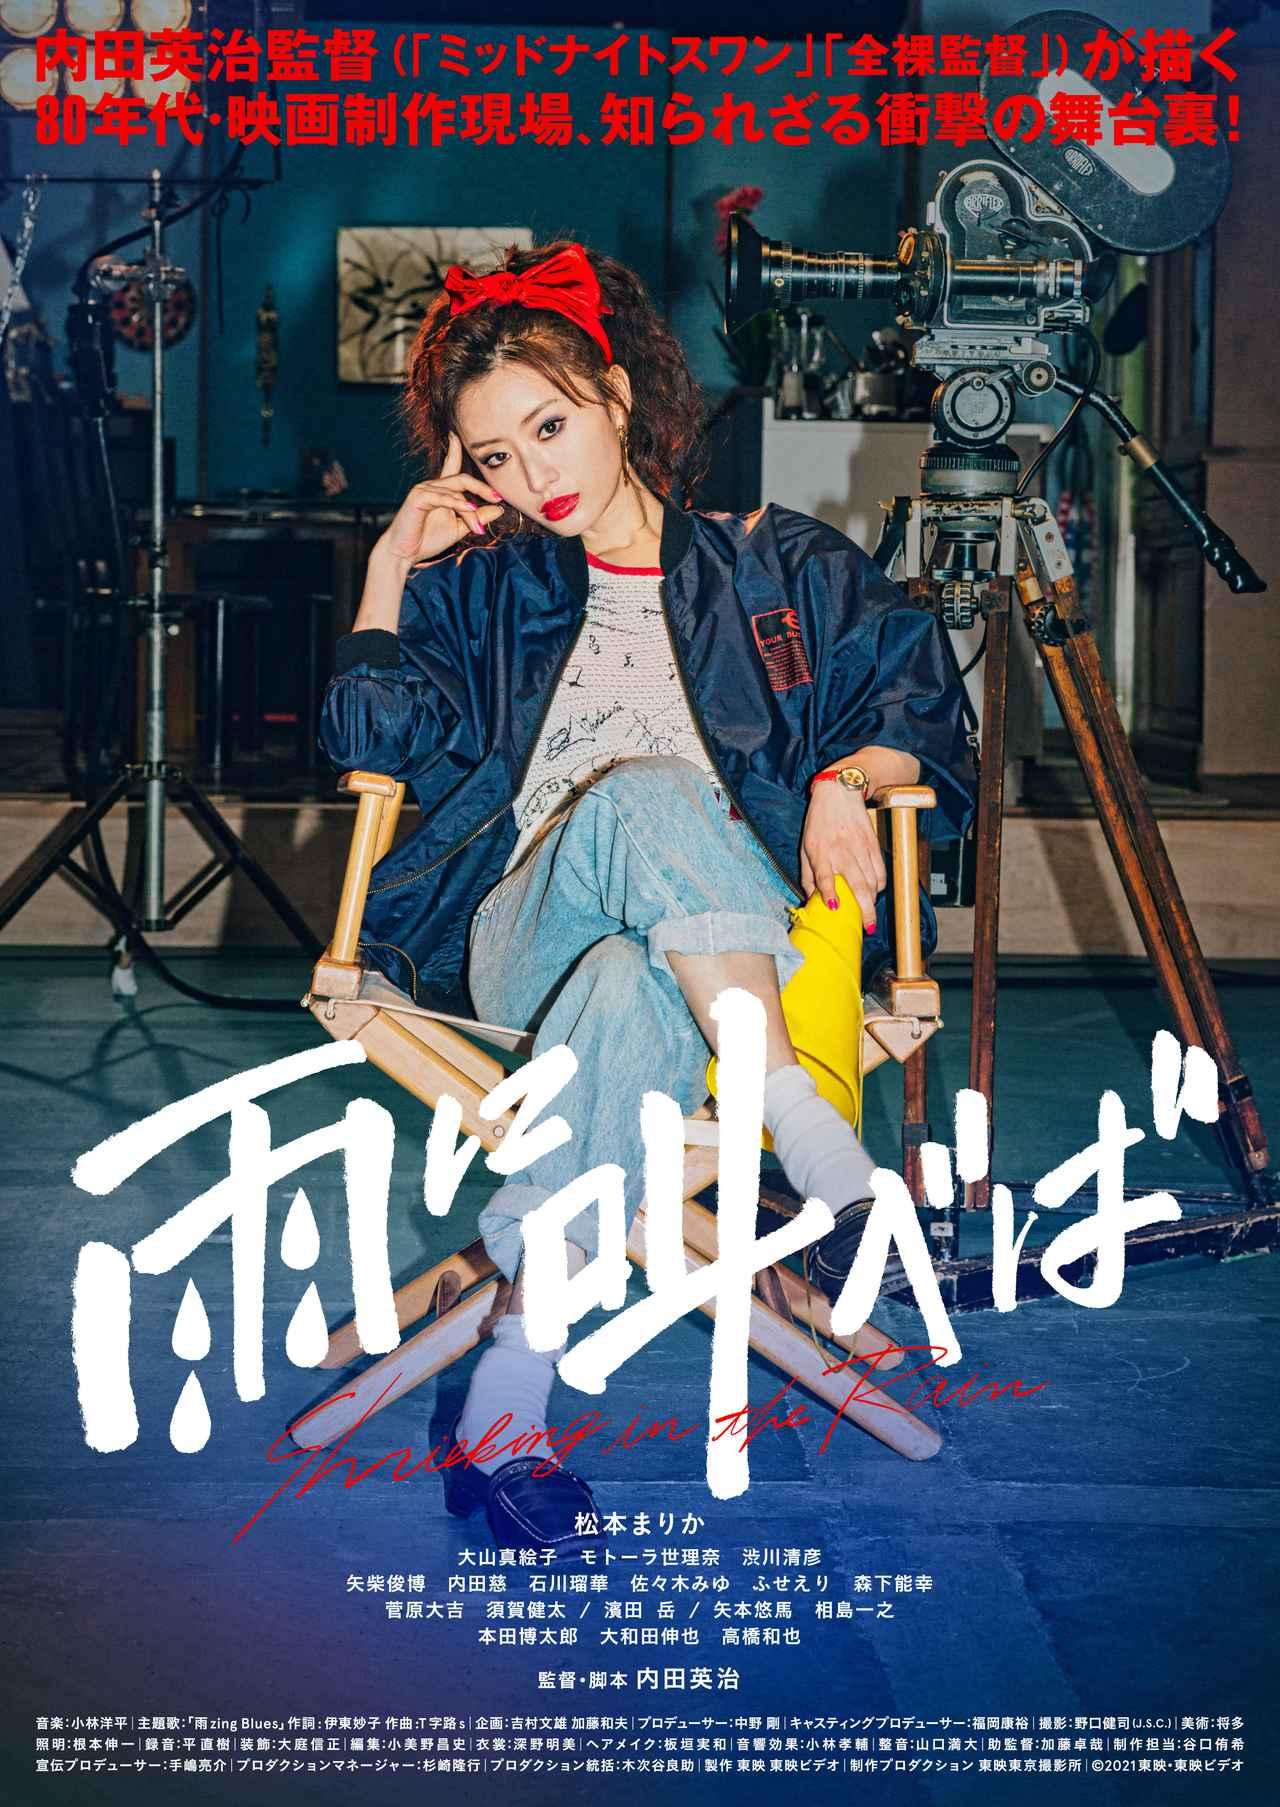 画像: 松本まりか×内田英治監督、1988年・映画制作の舞台裏を描いた『雨に叫べば』12月16日より配信スタート決定